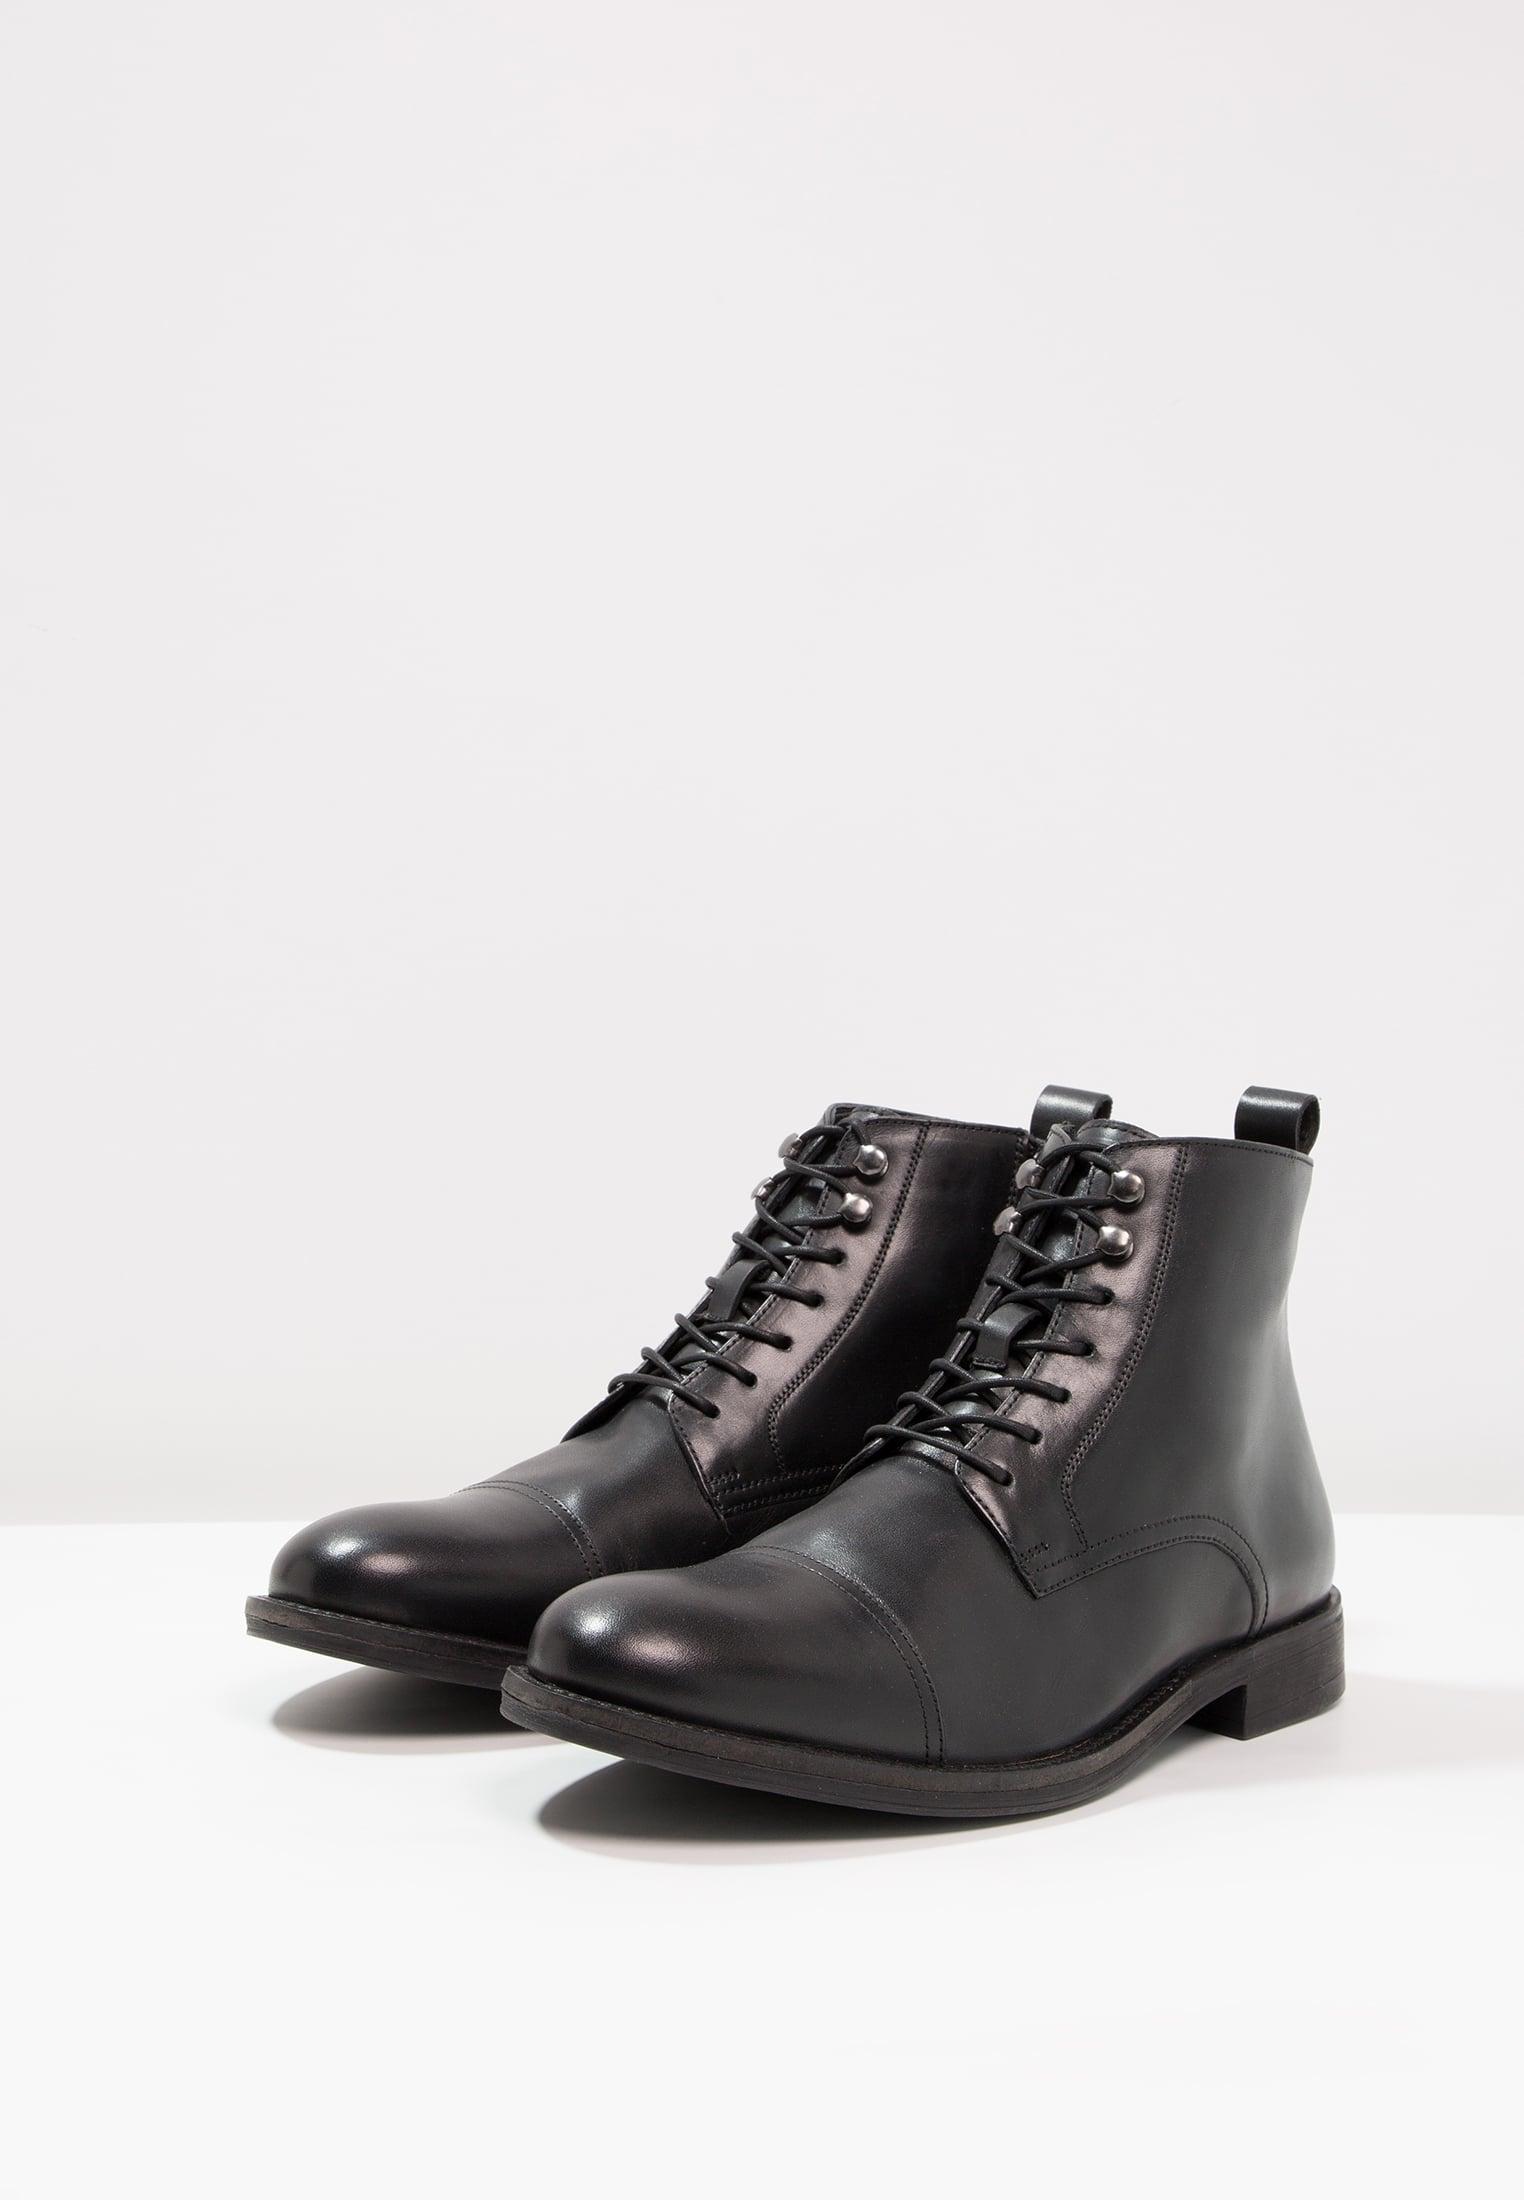 czarne męskie sznurowane botki